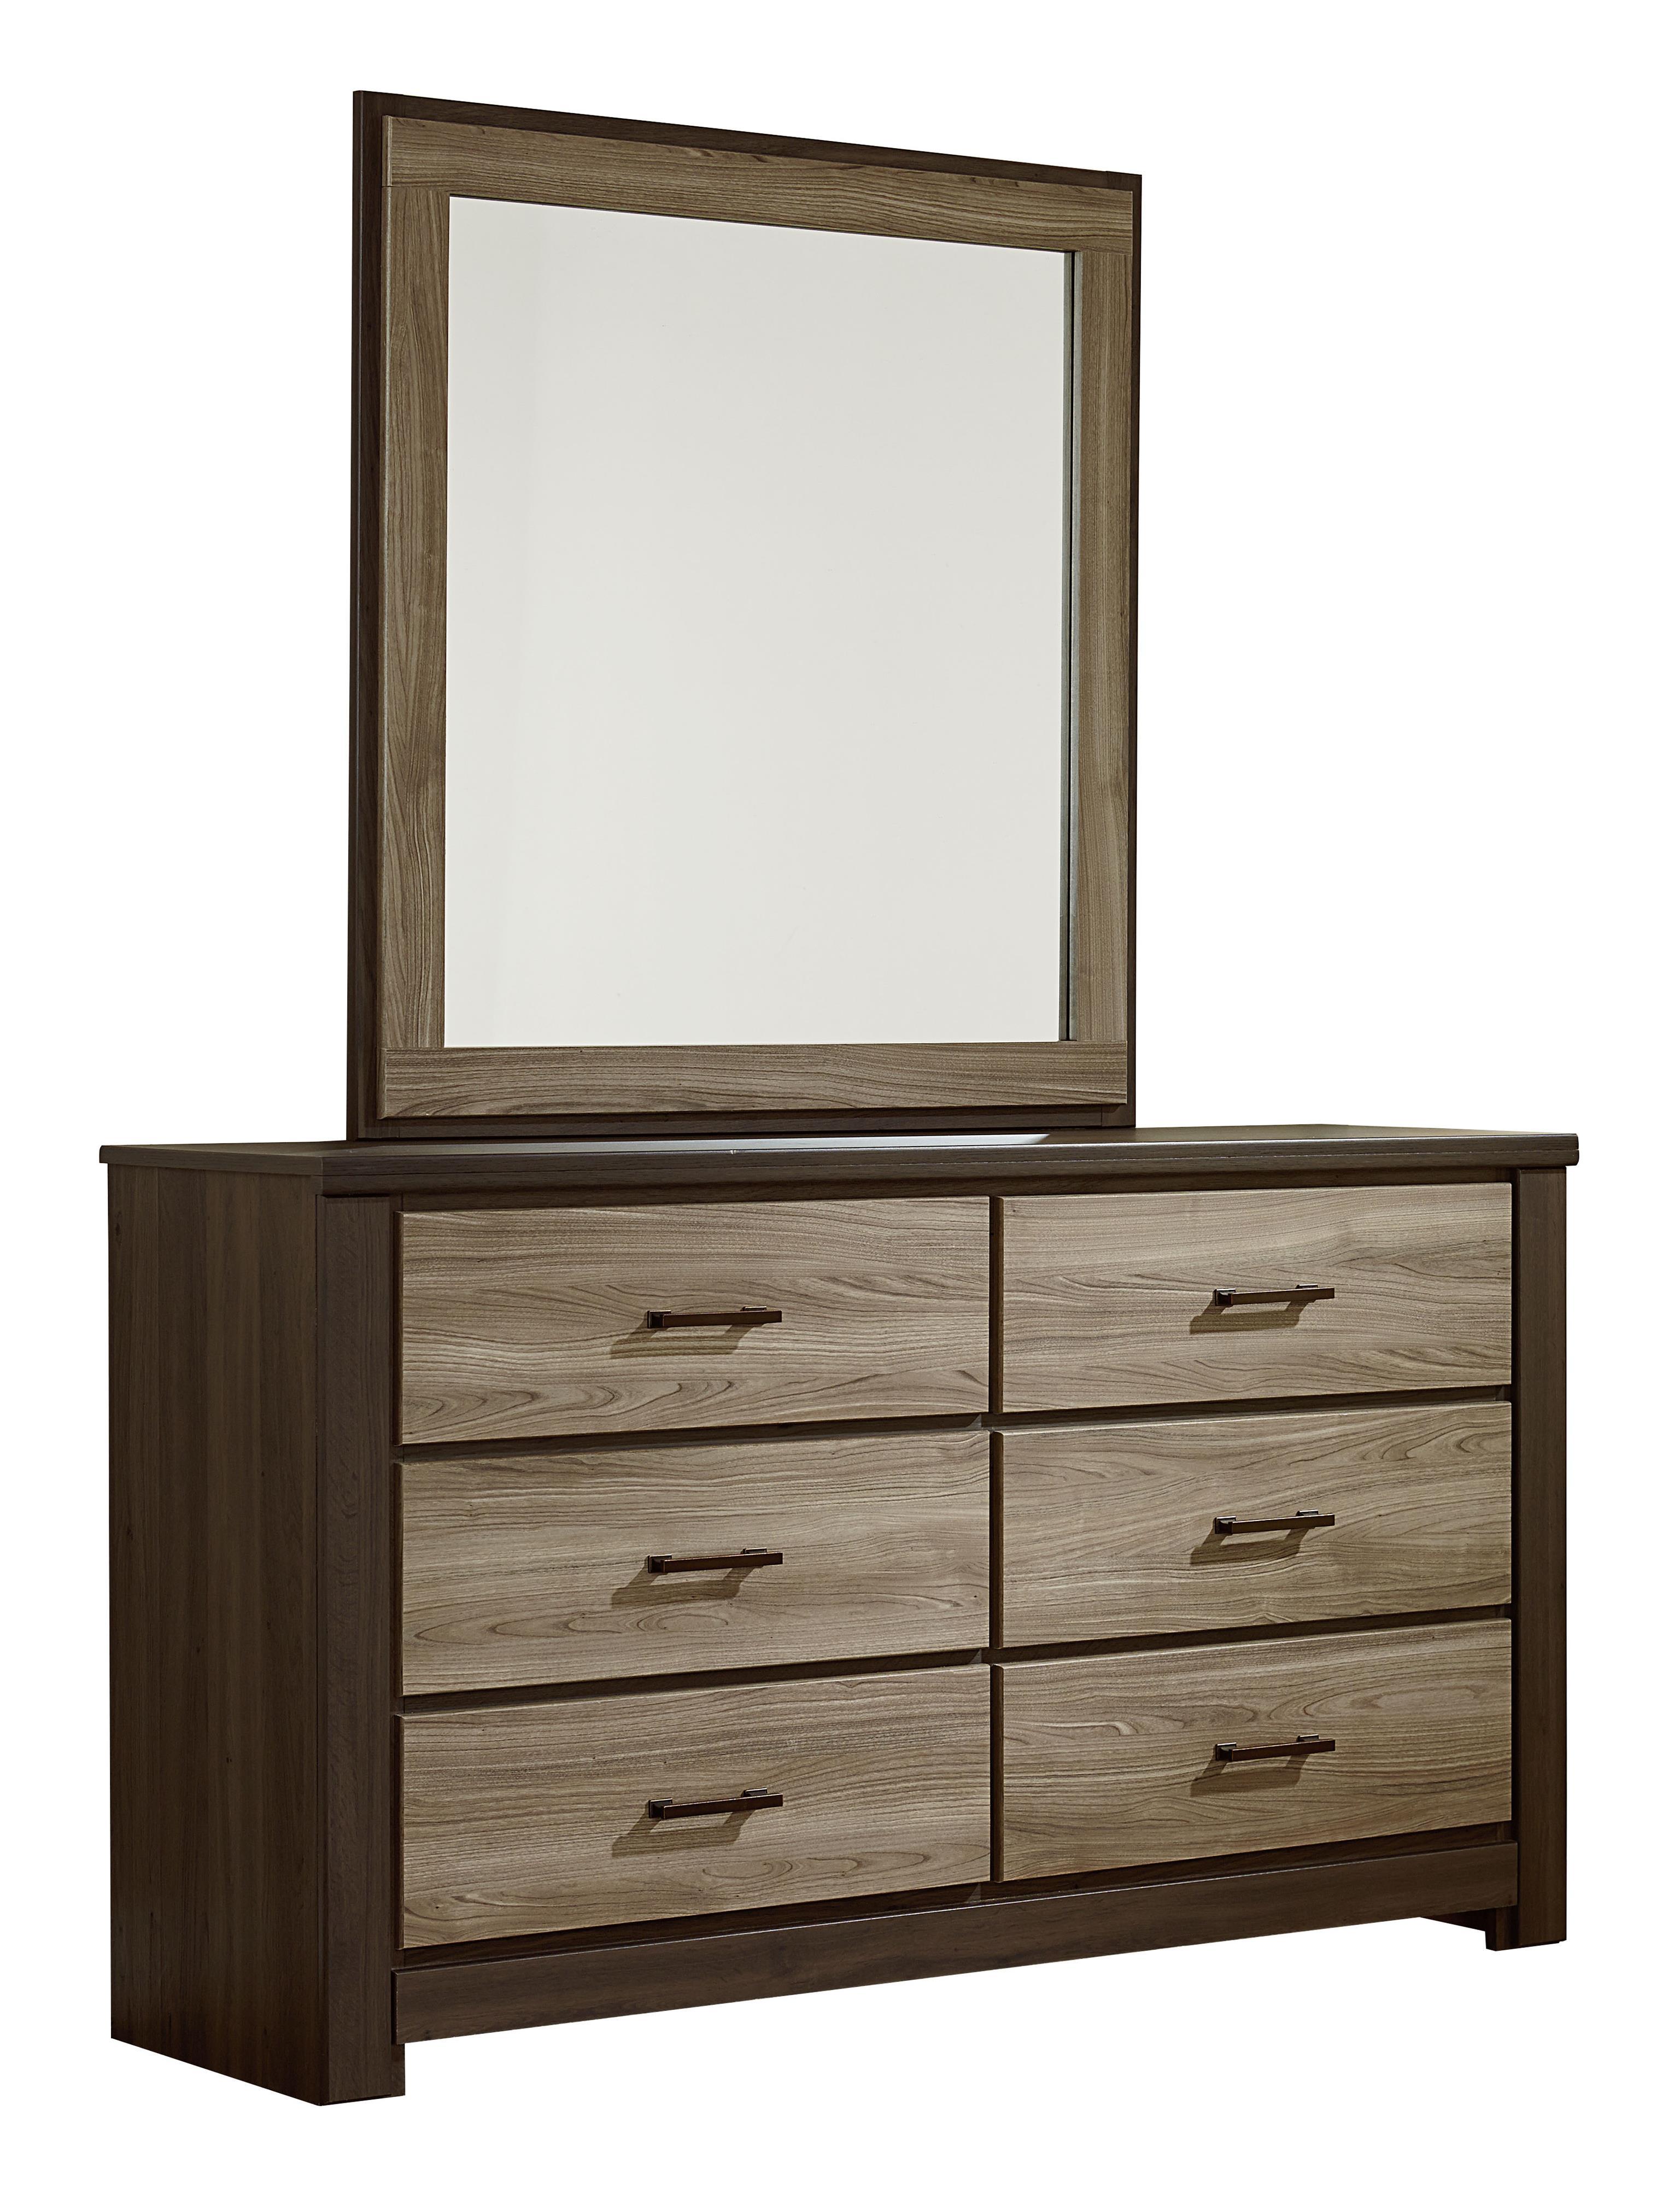 Standard Furniture Oakland Dresser and Mirror Set - Item Number: 69709+18